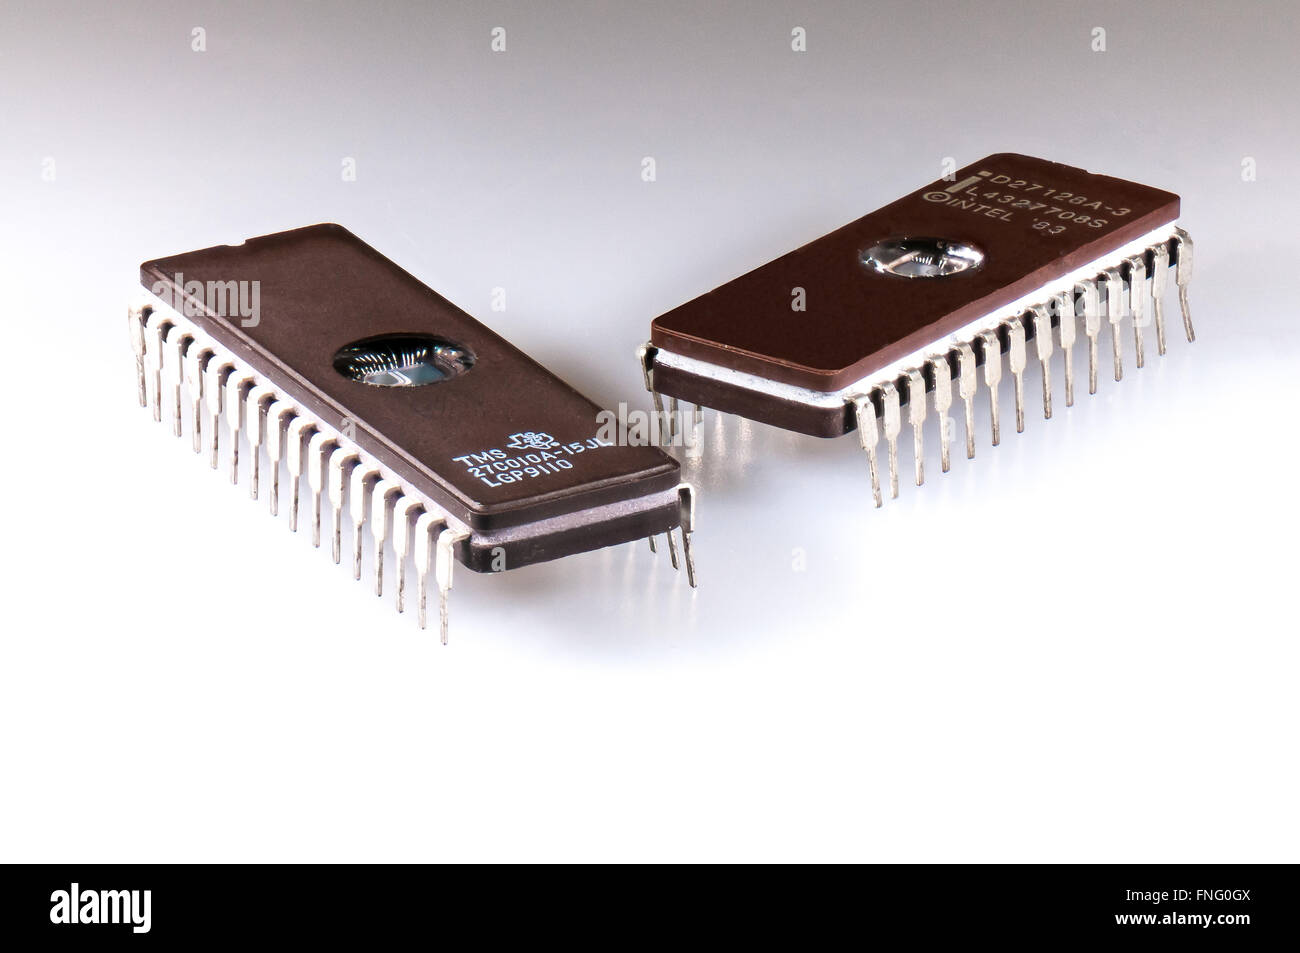 Dos chips de circuito integrado EPROM dispuestas sobre un fondo blanco. Imagen De Stock